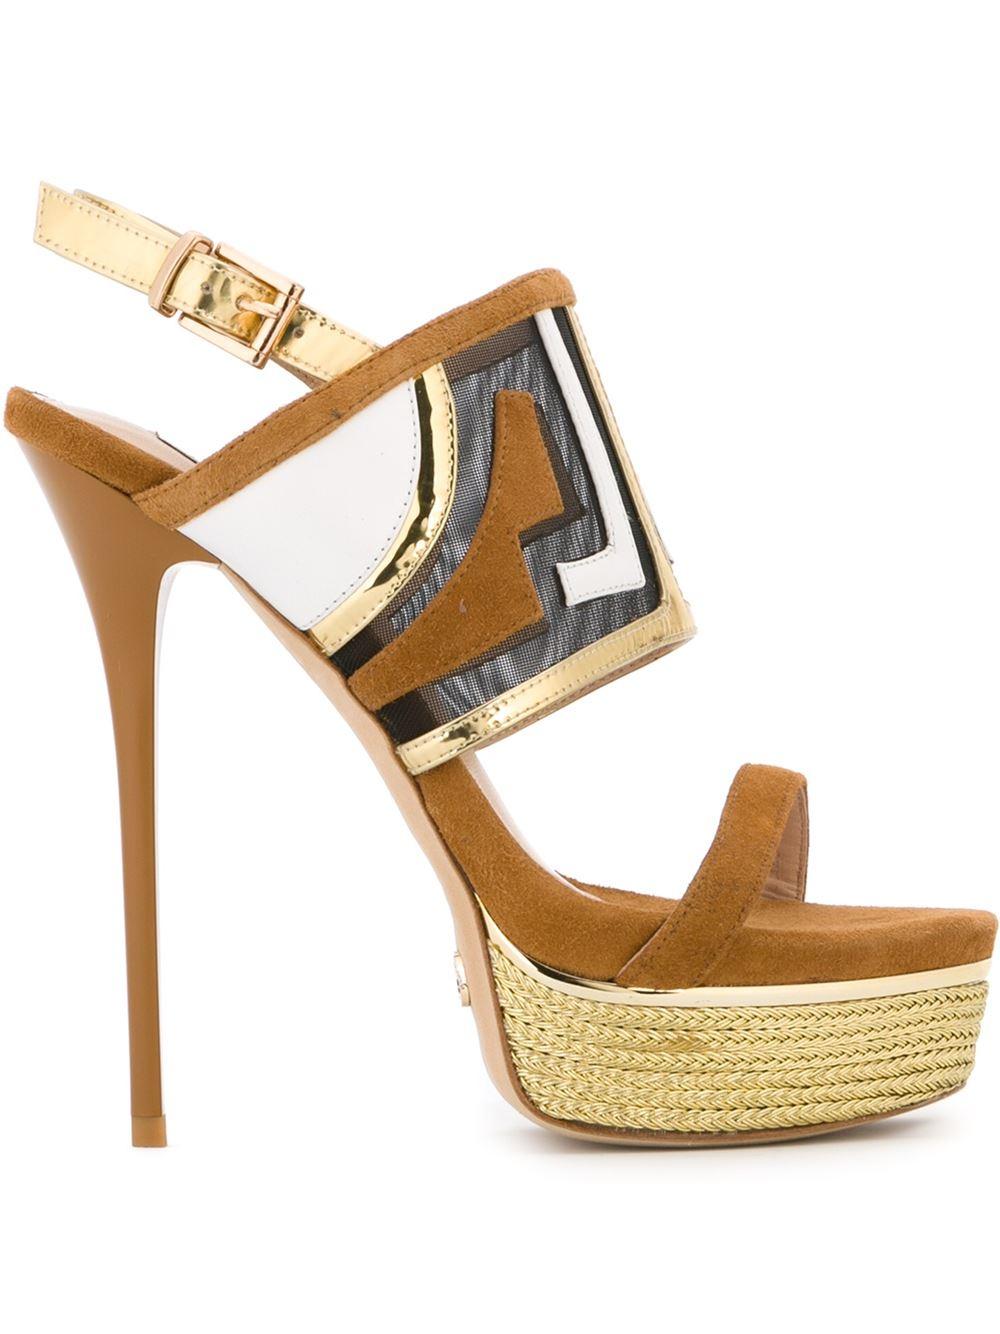 gianni renzi platform sandals in brown lyst